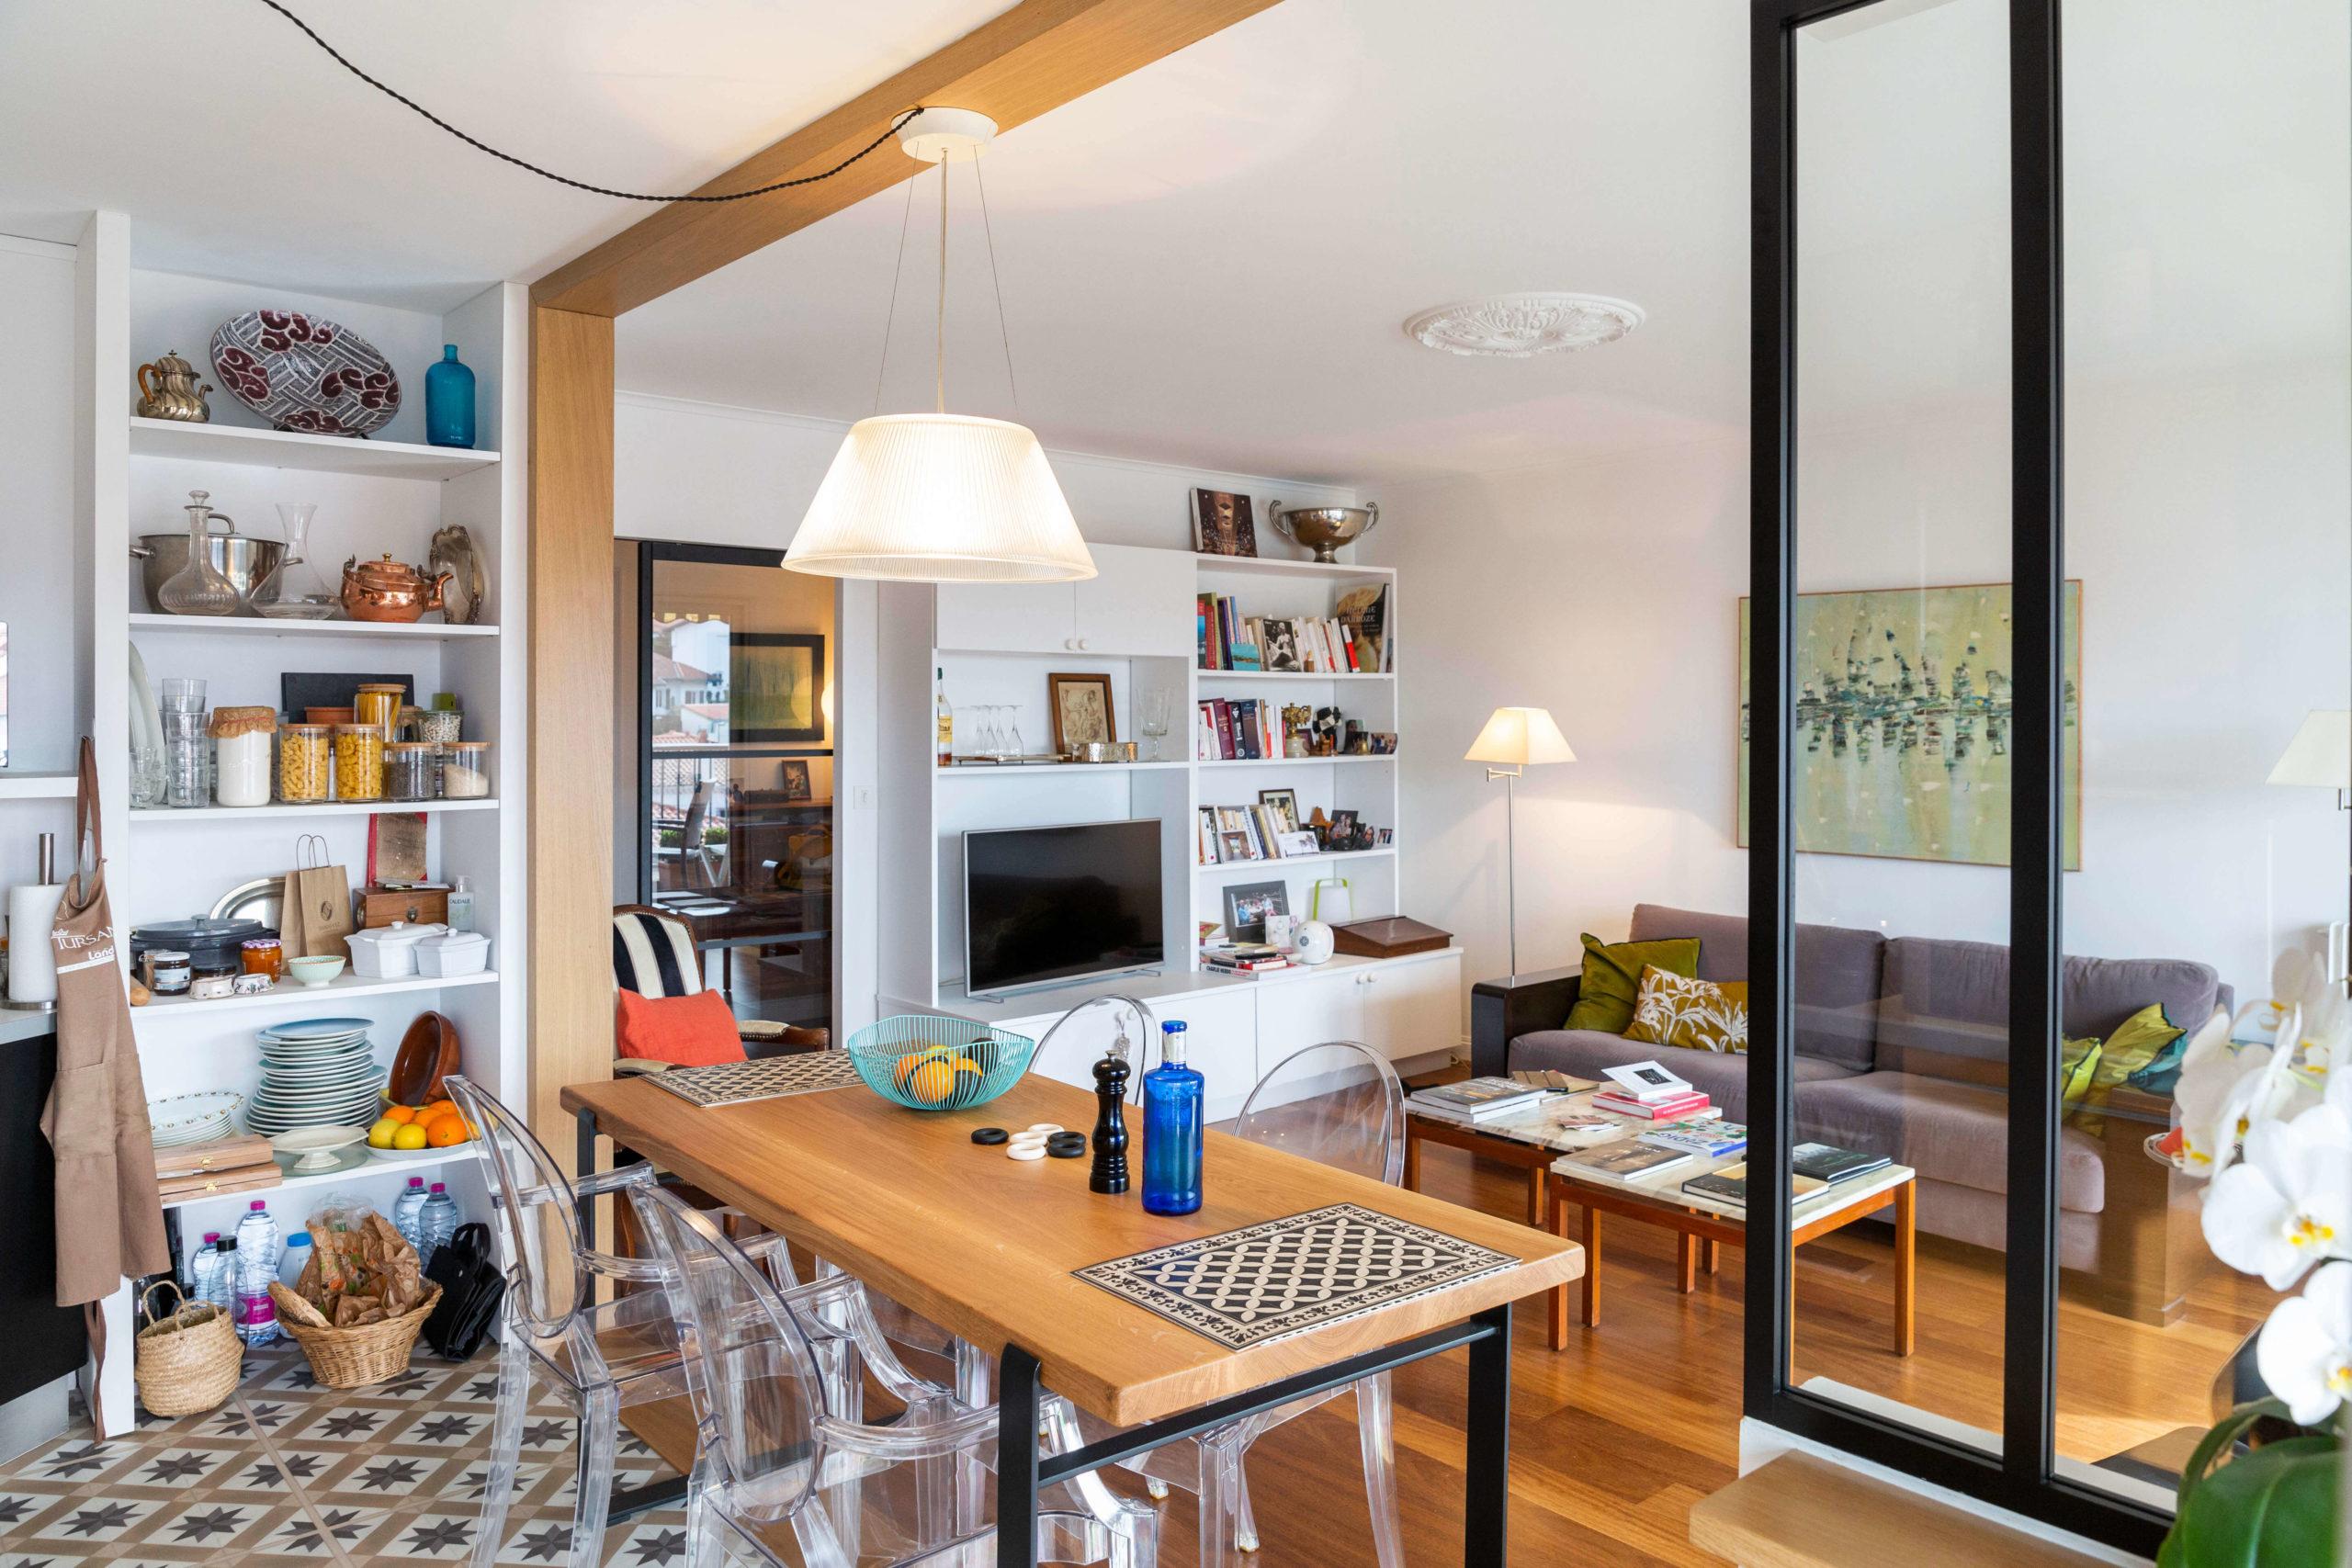 atelier-plurielles-architectures-reamenagement-appartement-biarritz-cuisine